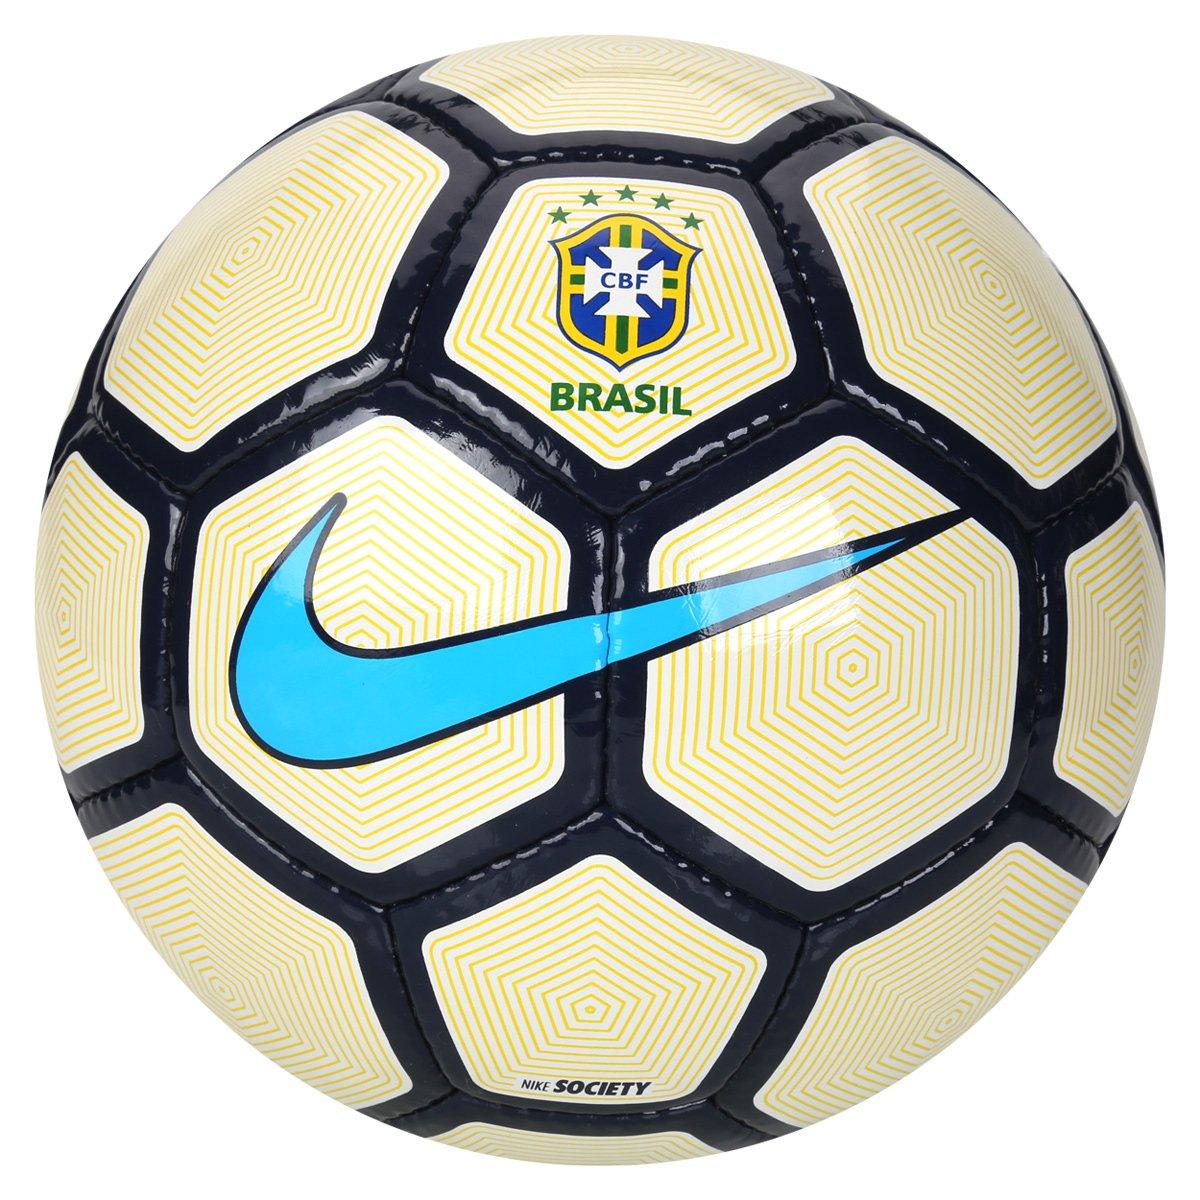 494ff044d3 Bola Futebol Society Nike CBF - Compre Agora